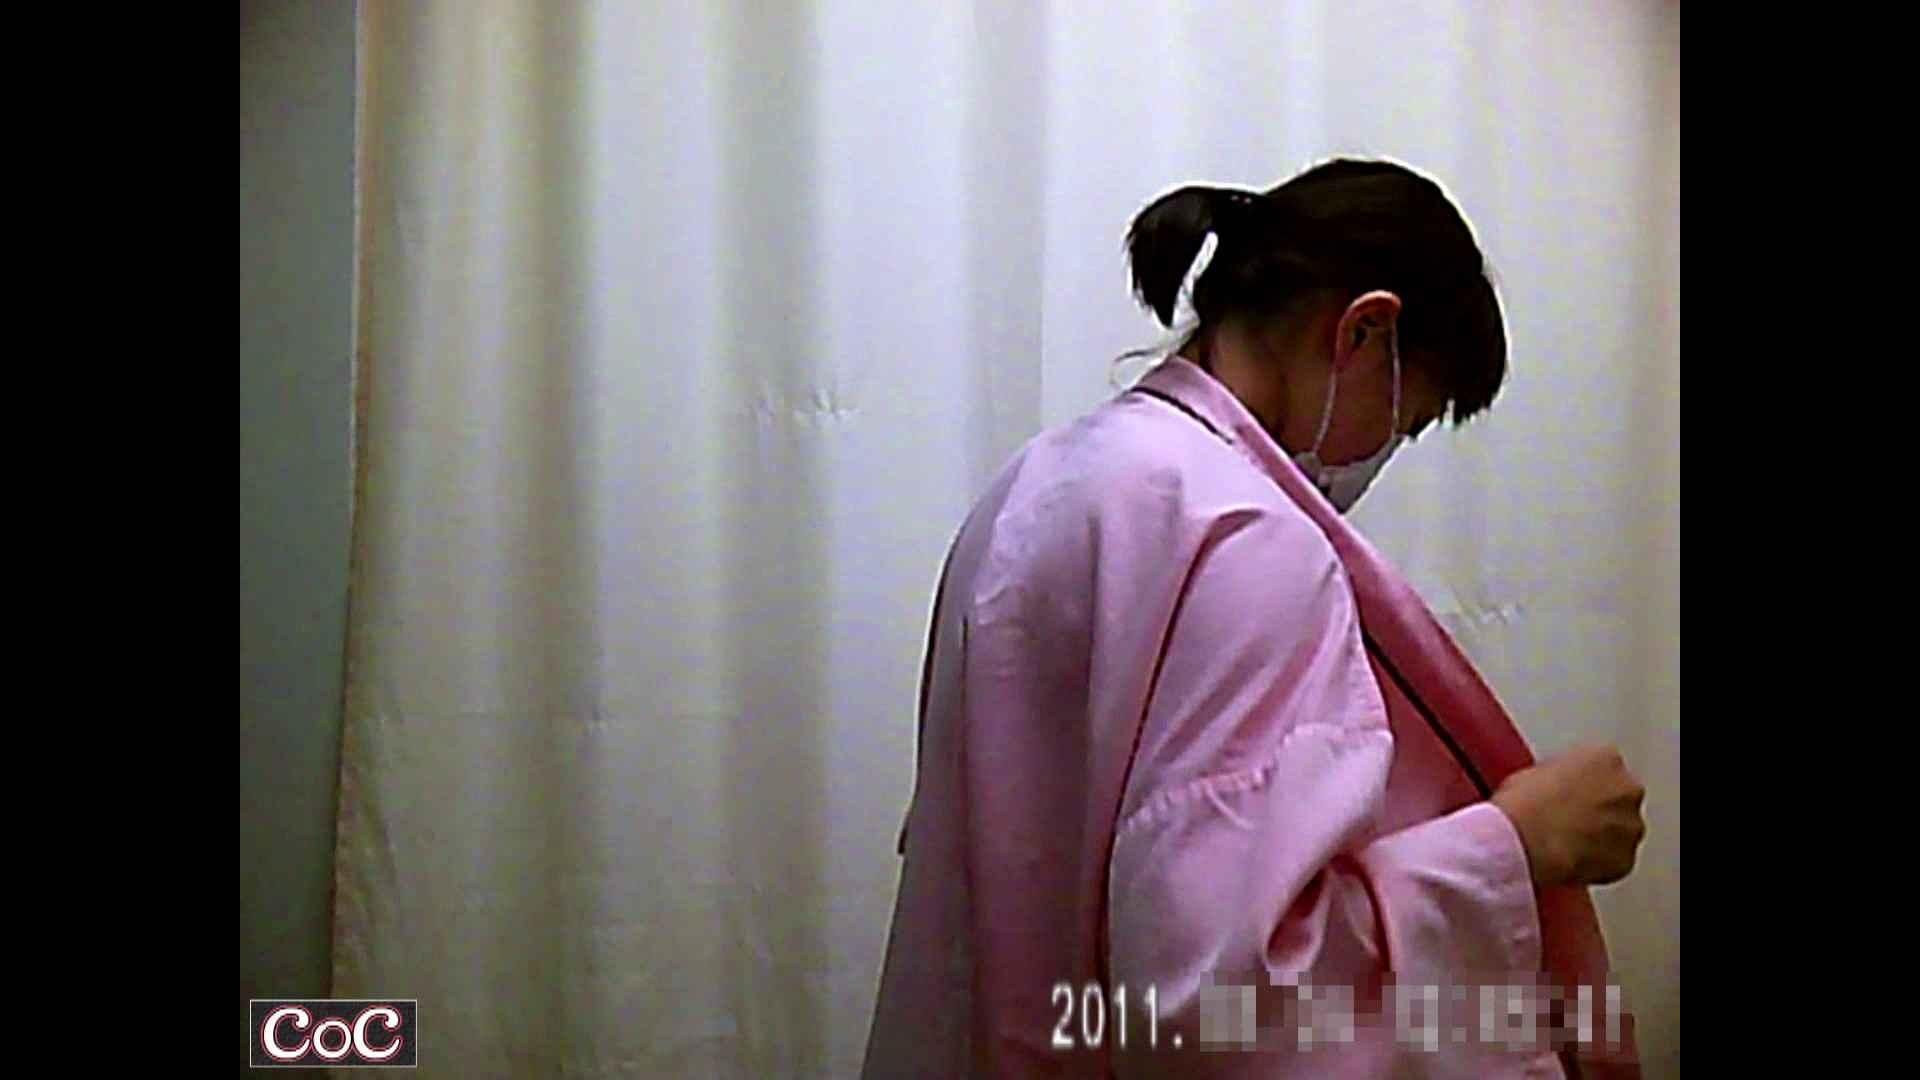 病院おもいっきり着替え! vol.10 巨乳 AV動画キャプチャ 101画像 11